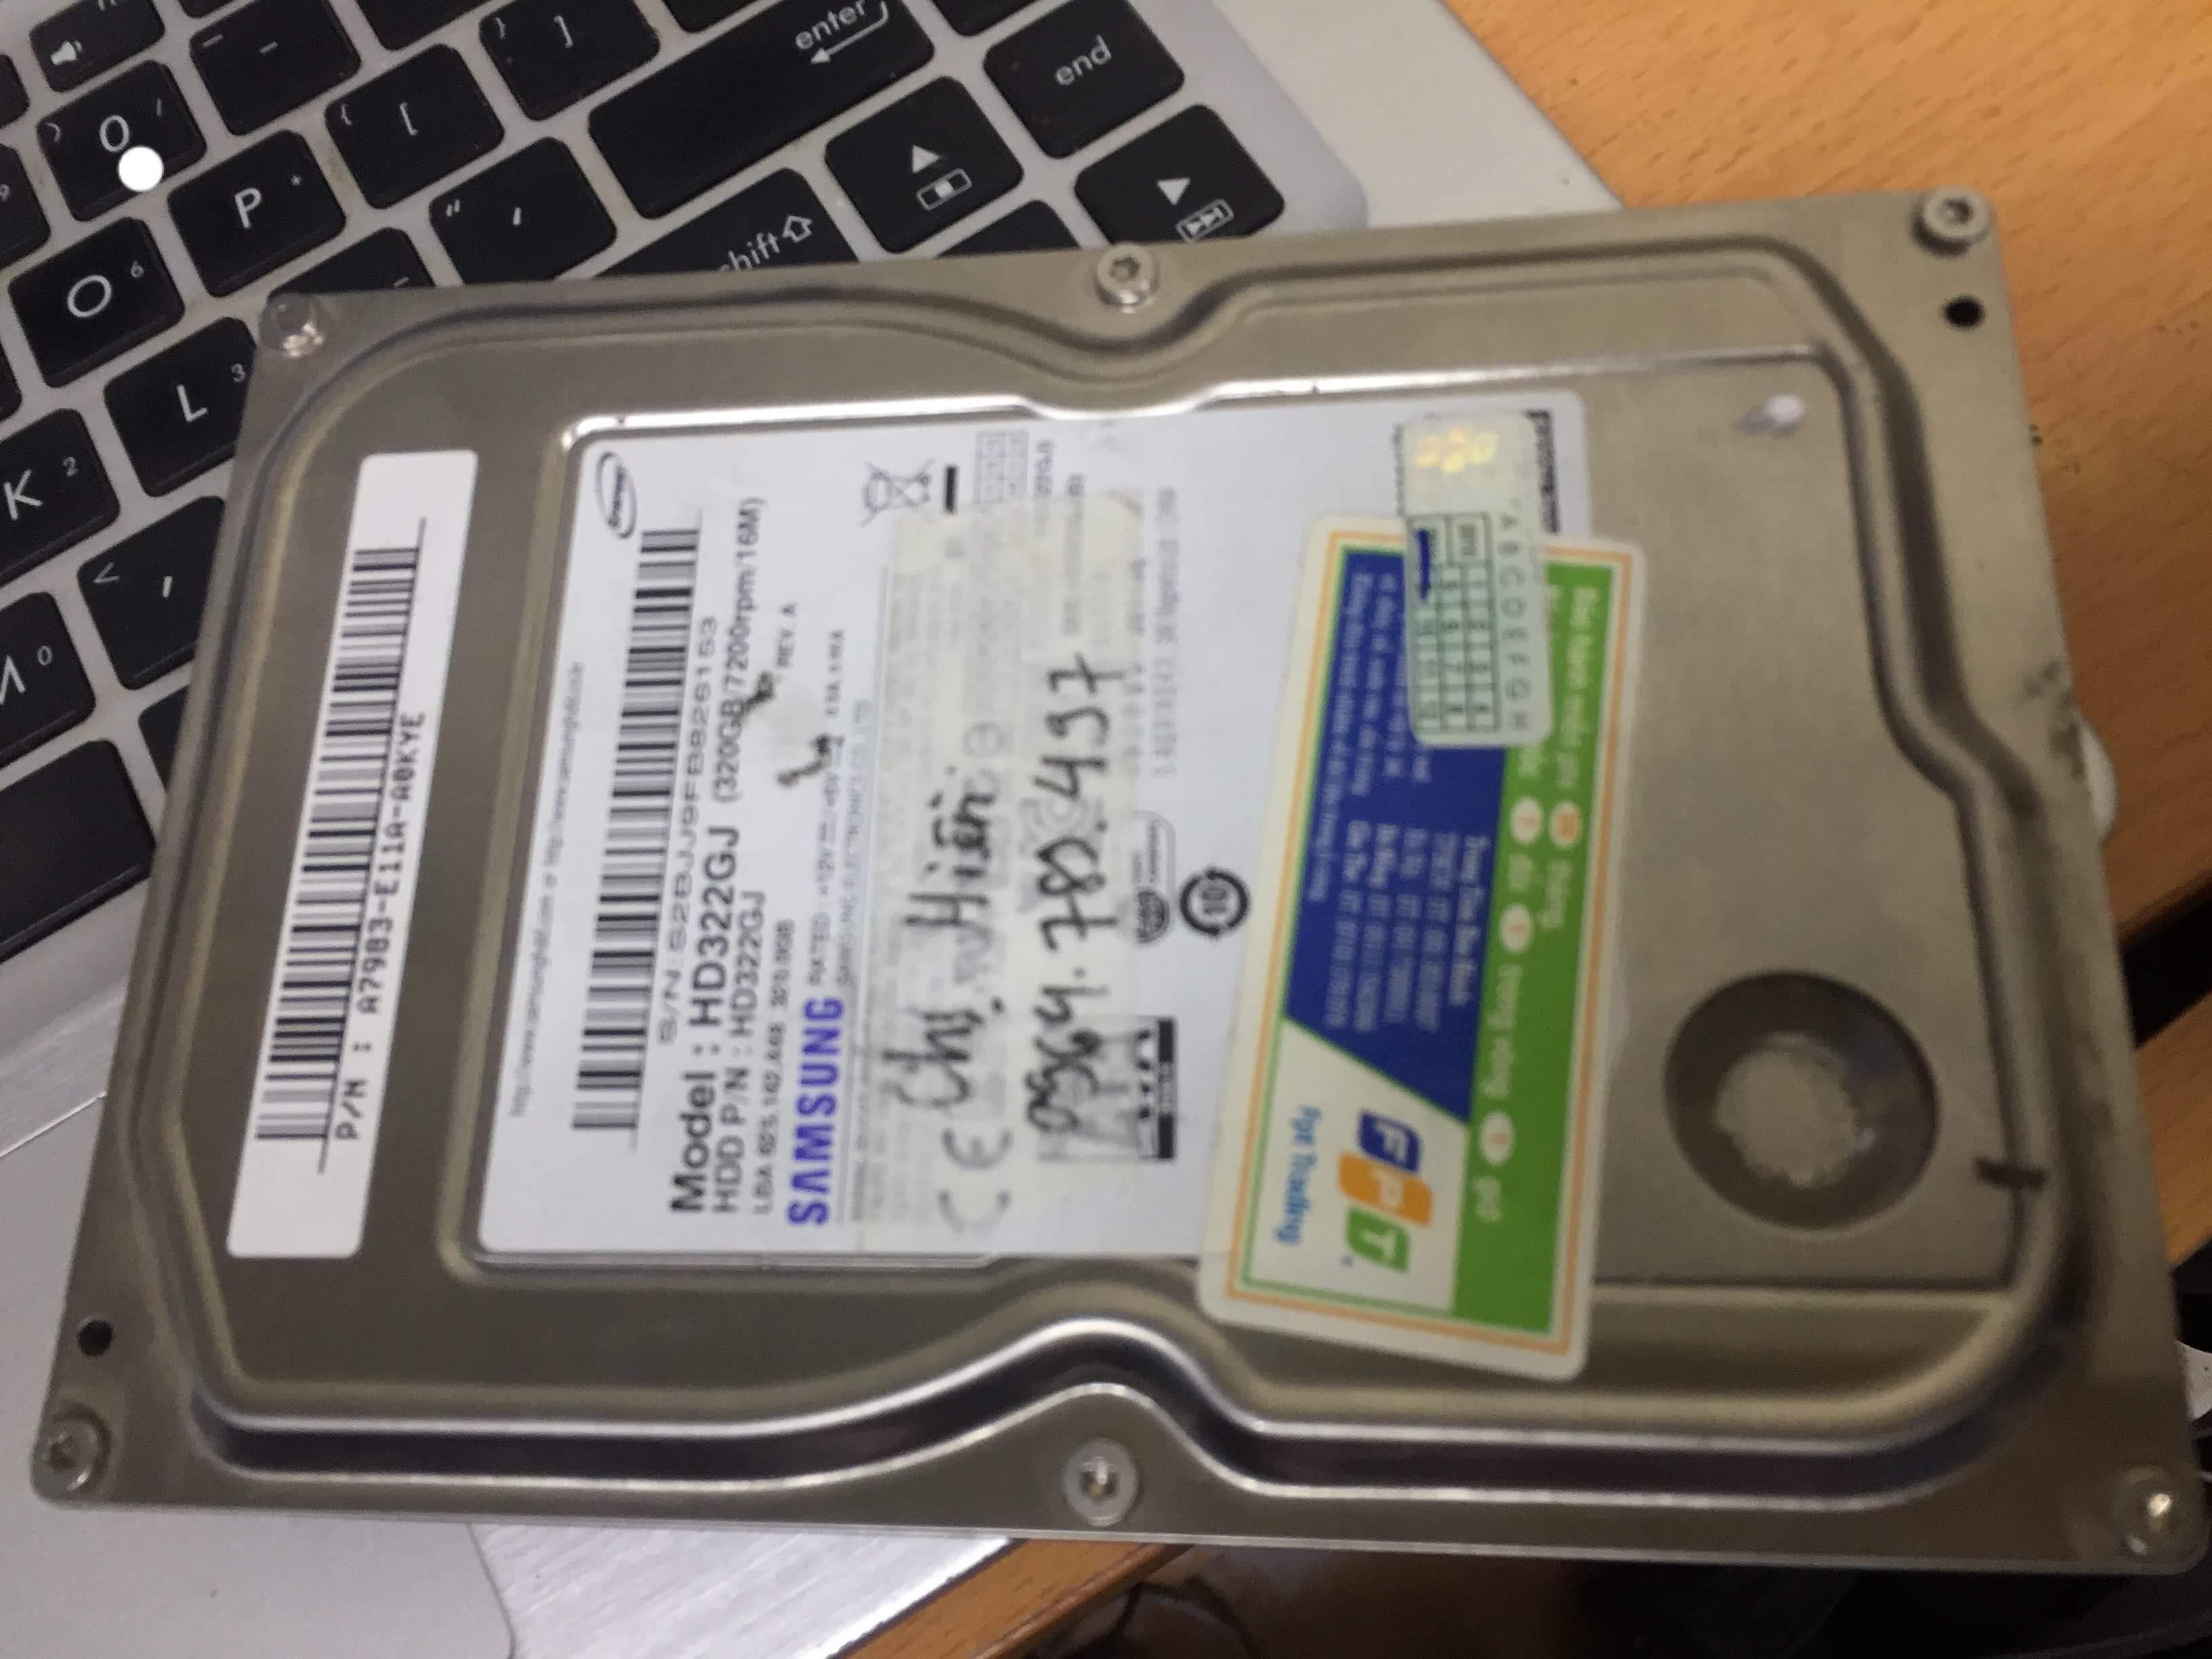 Cứu dữ liệu ổ cứng Samsung 320GB lỗi cơ 18/04/2019 - cuumaytinh